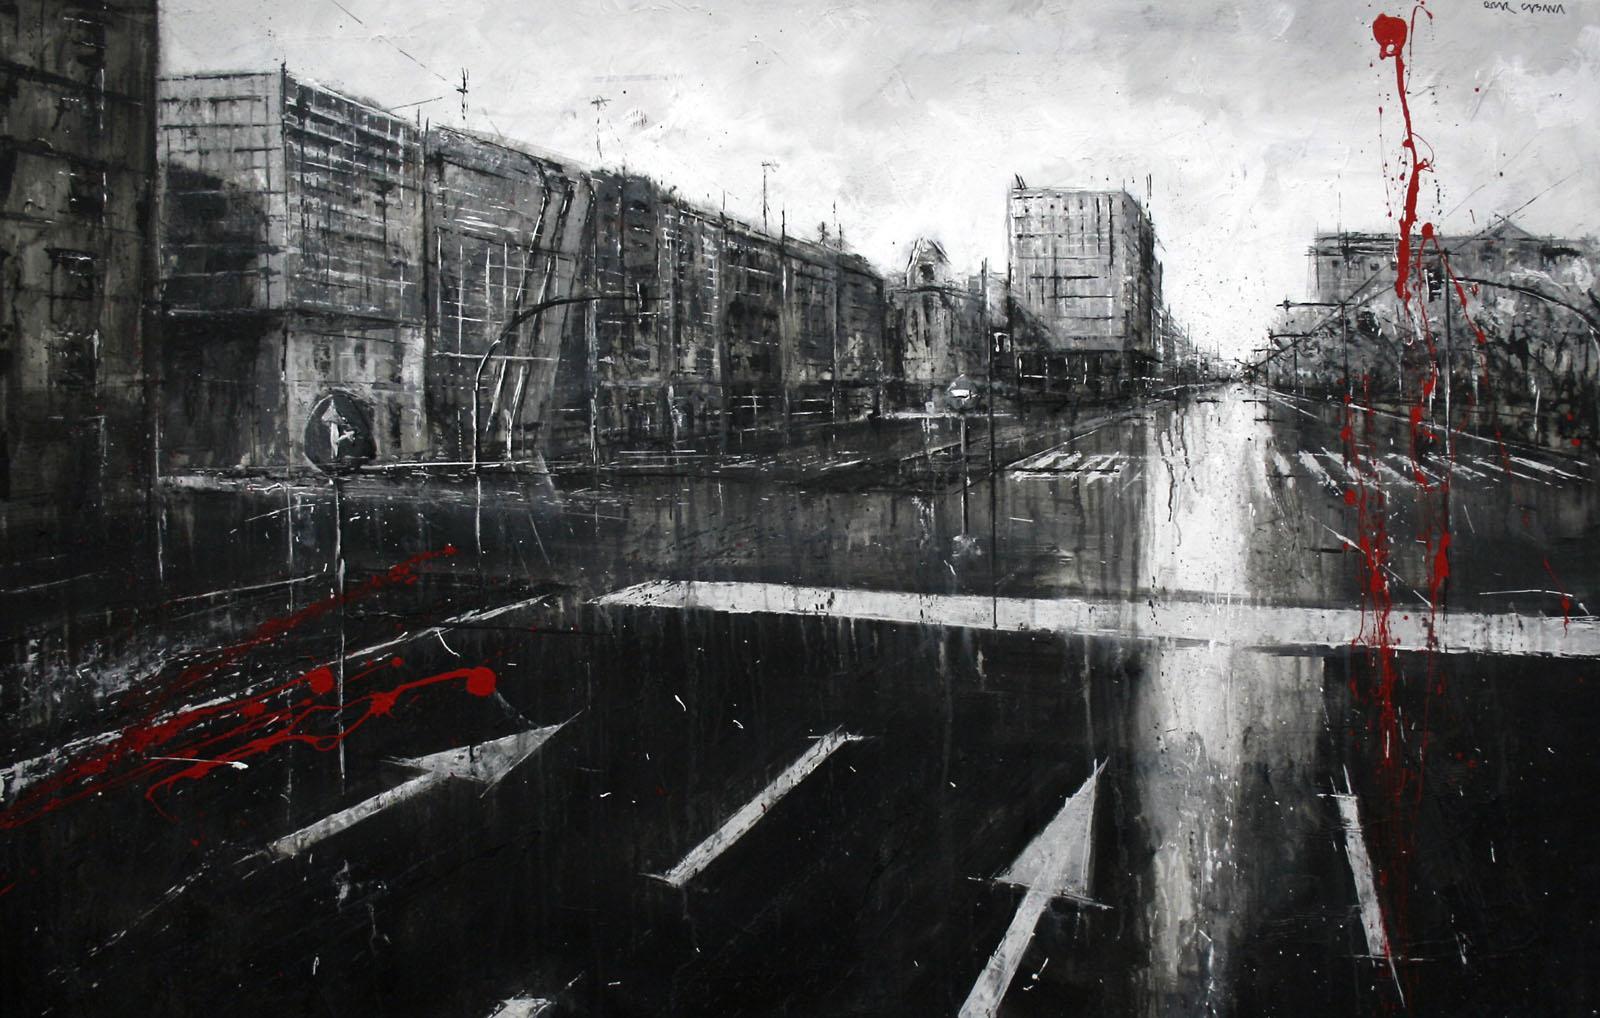 703_cantón grande_145x95cm_mixed on canvas